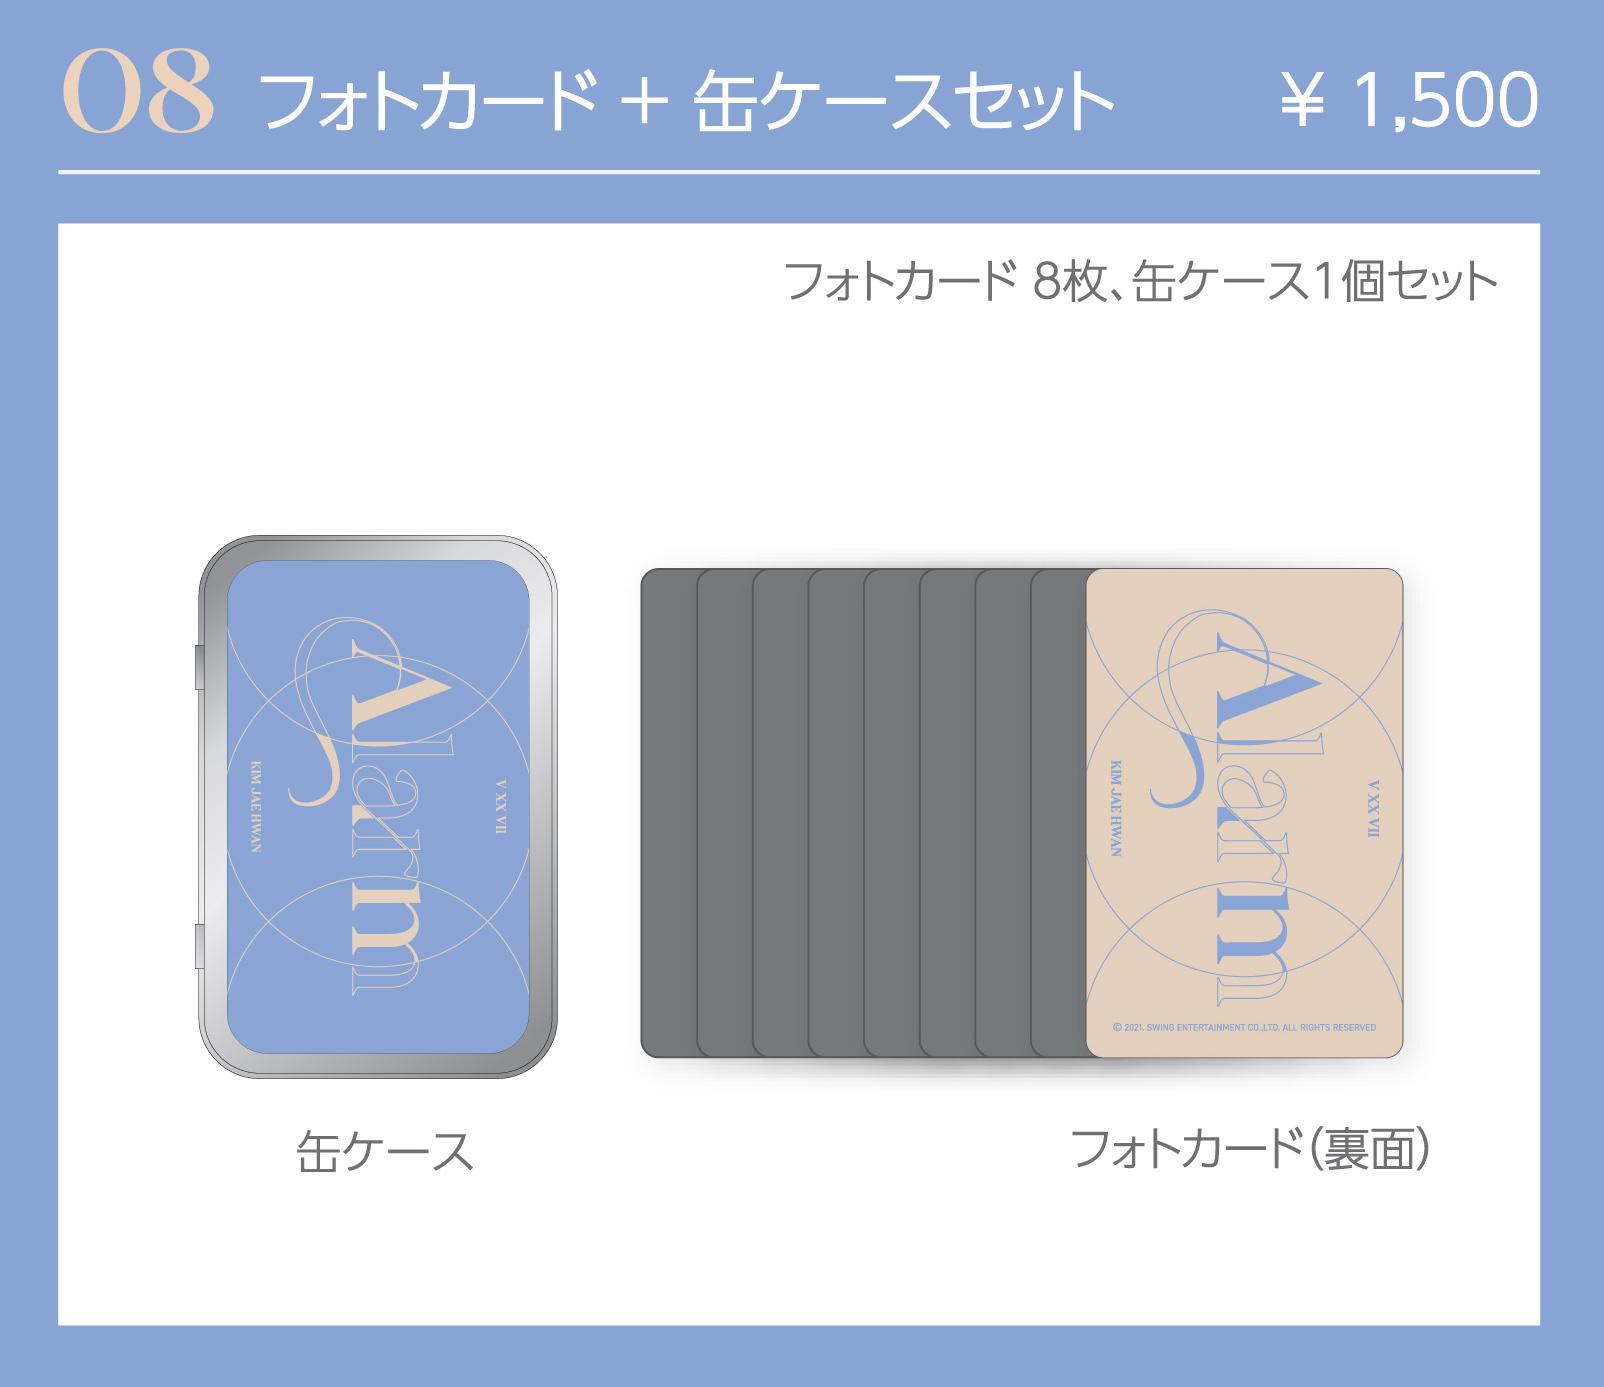 フォトカード+缶ケースセット